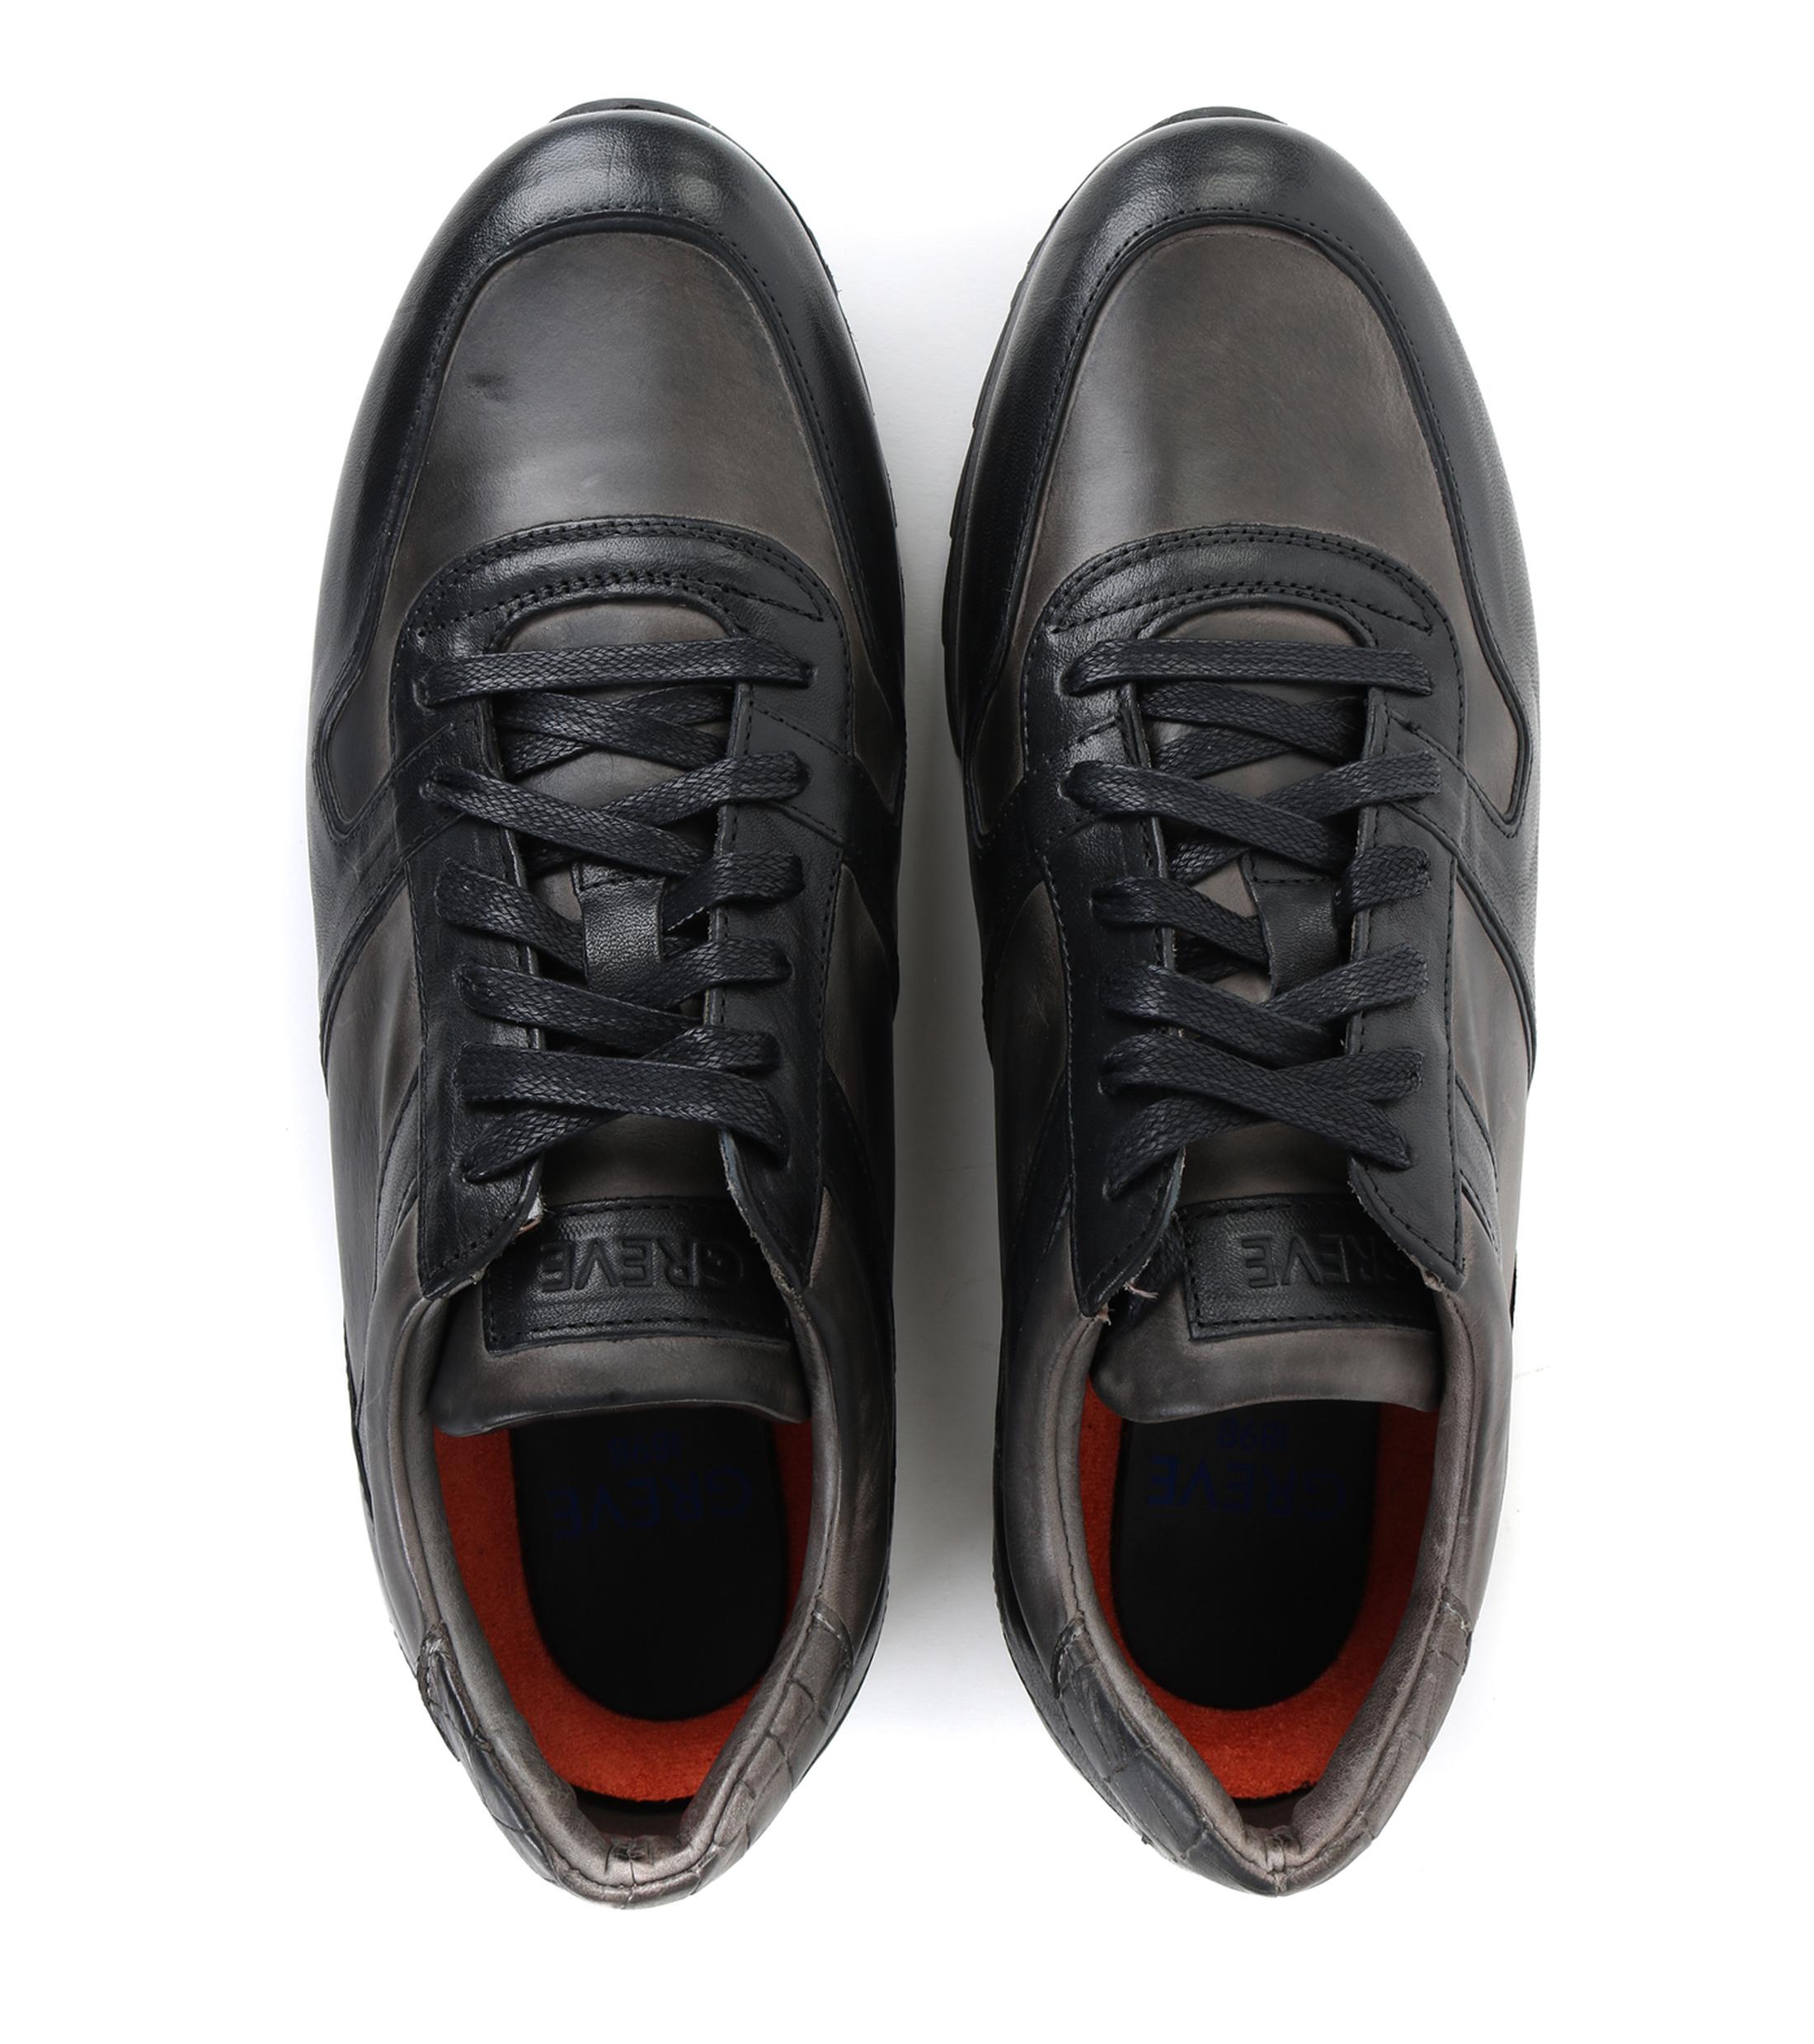 Greve Fureur Marine Sneaker Course iBL6G0V